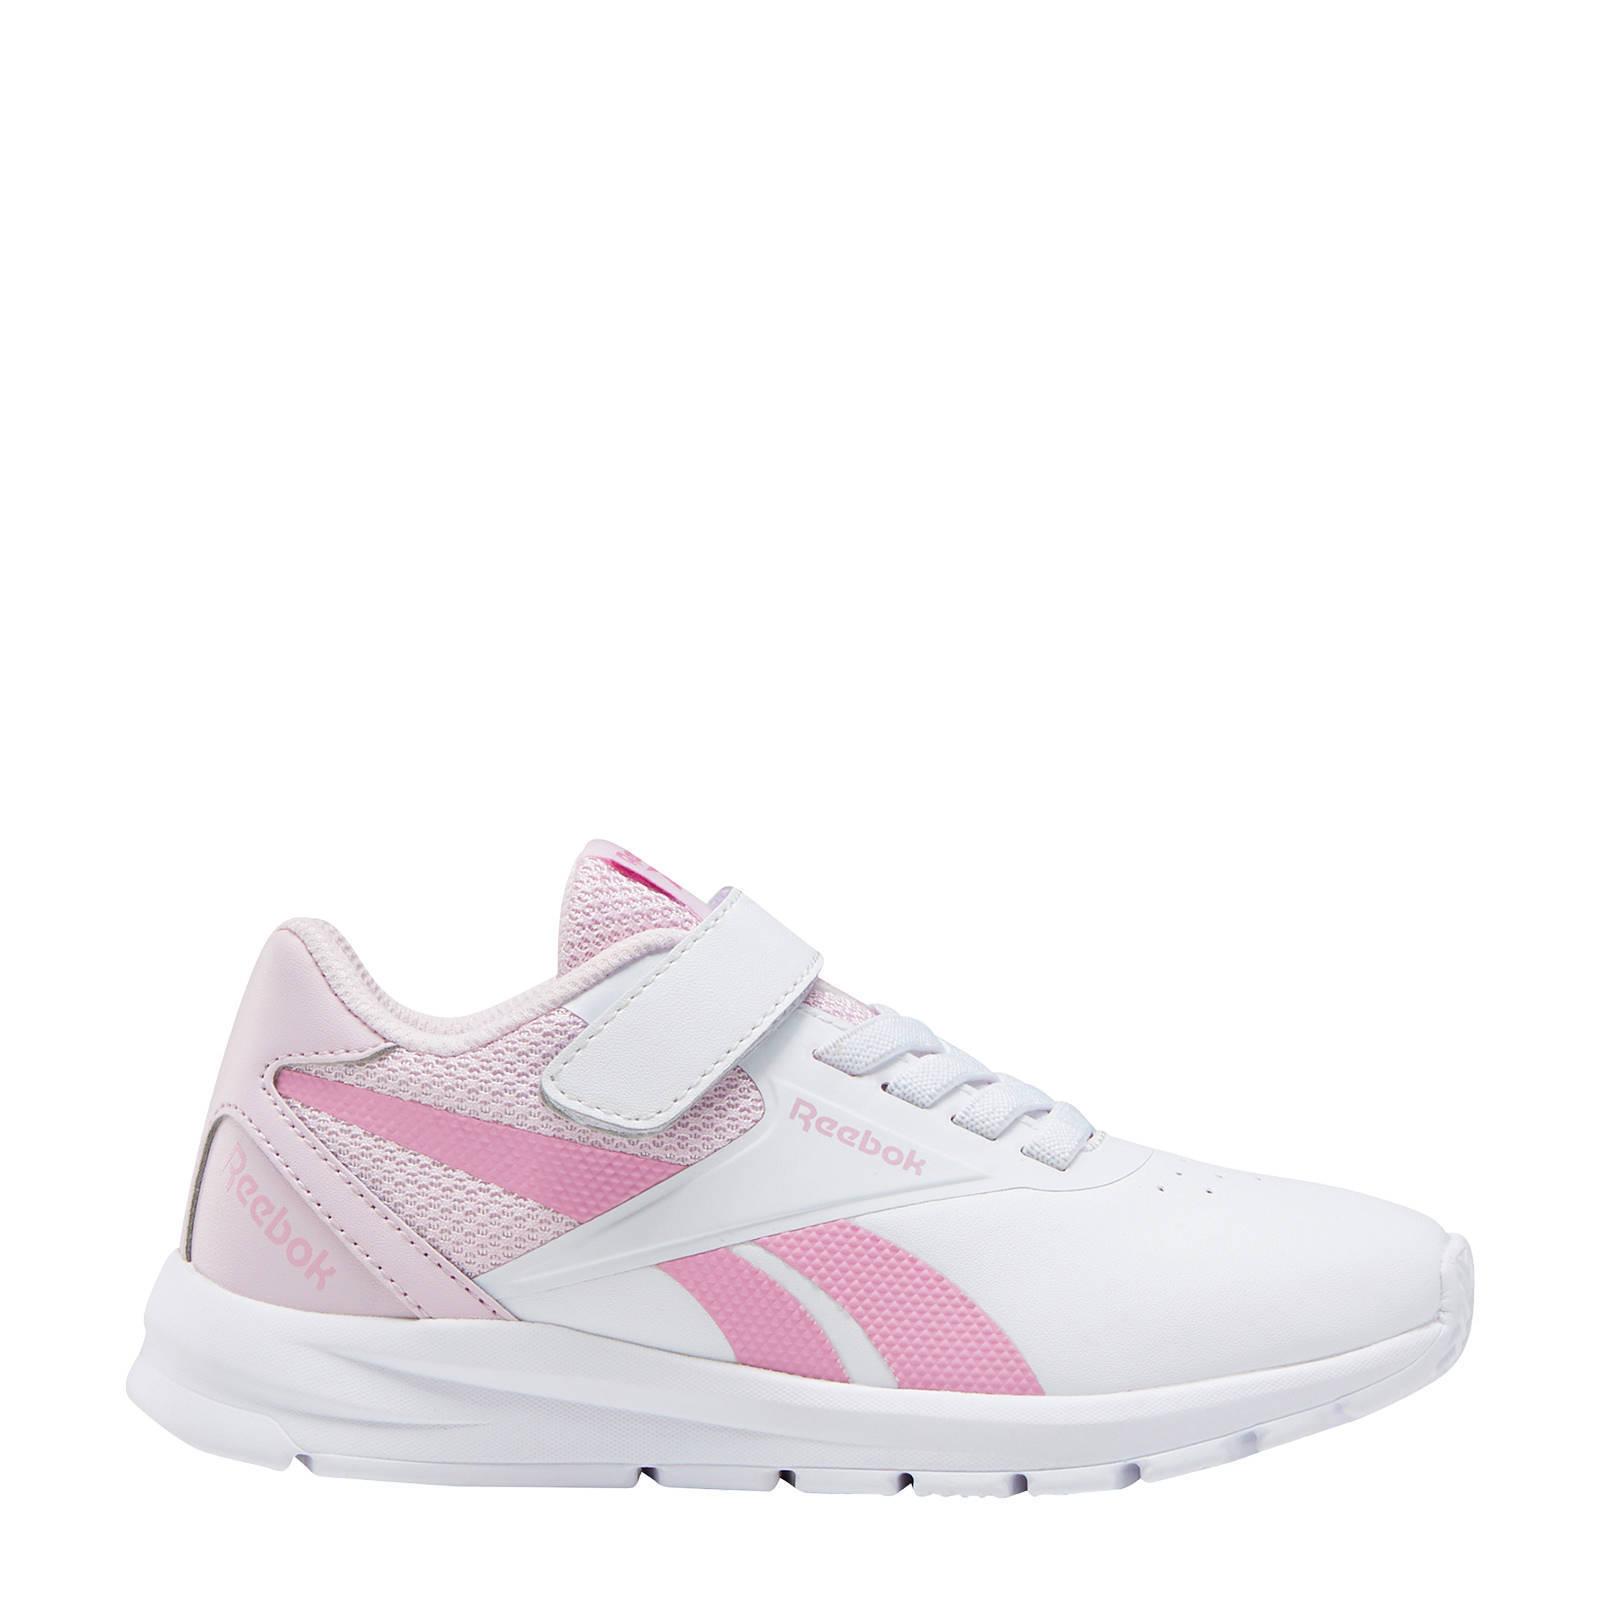 Fitness schoenen bij wehkamp Gratis bezorging vanaf 20.